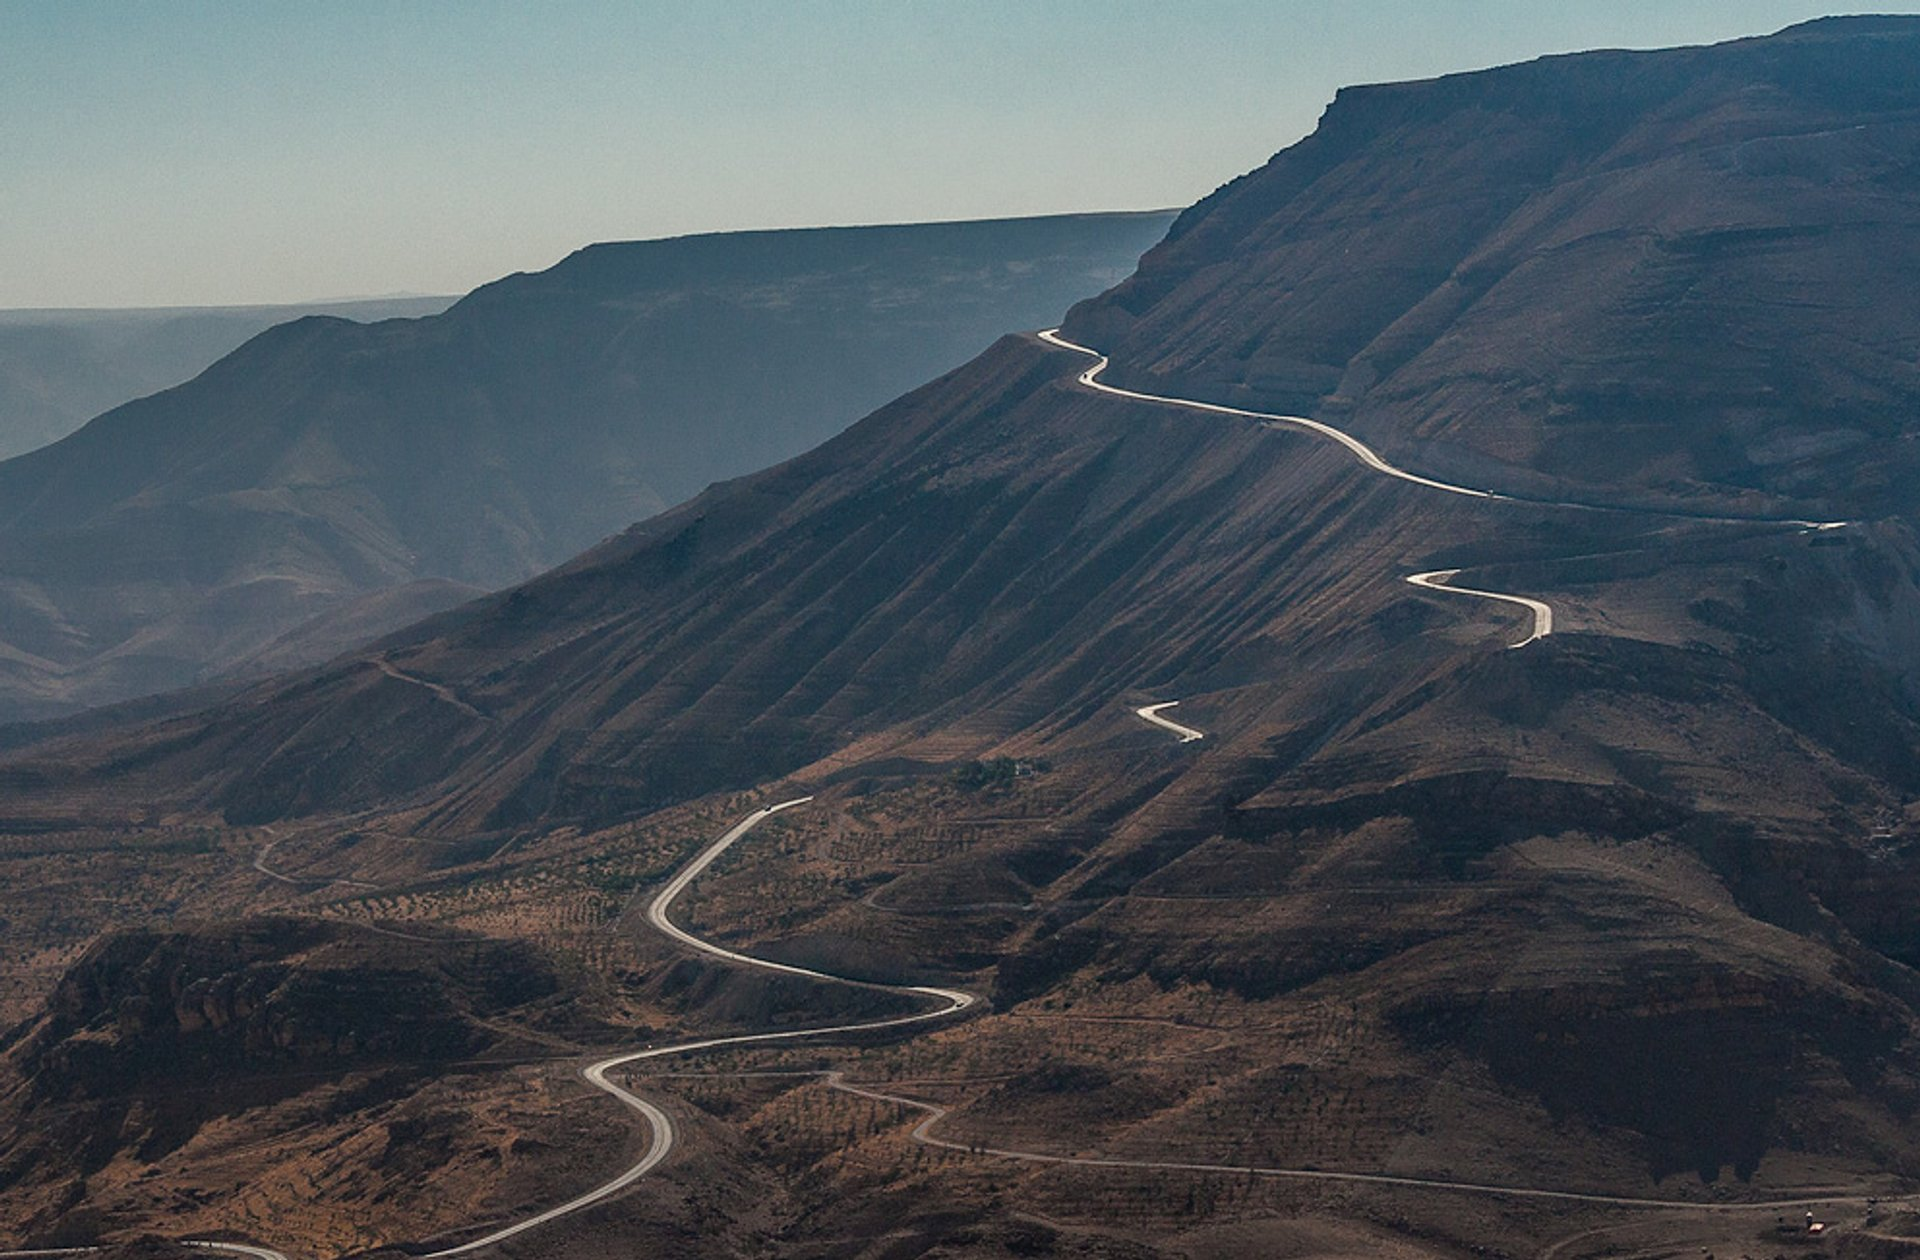 King's Highway in Jordan 2020 - Best Time